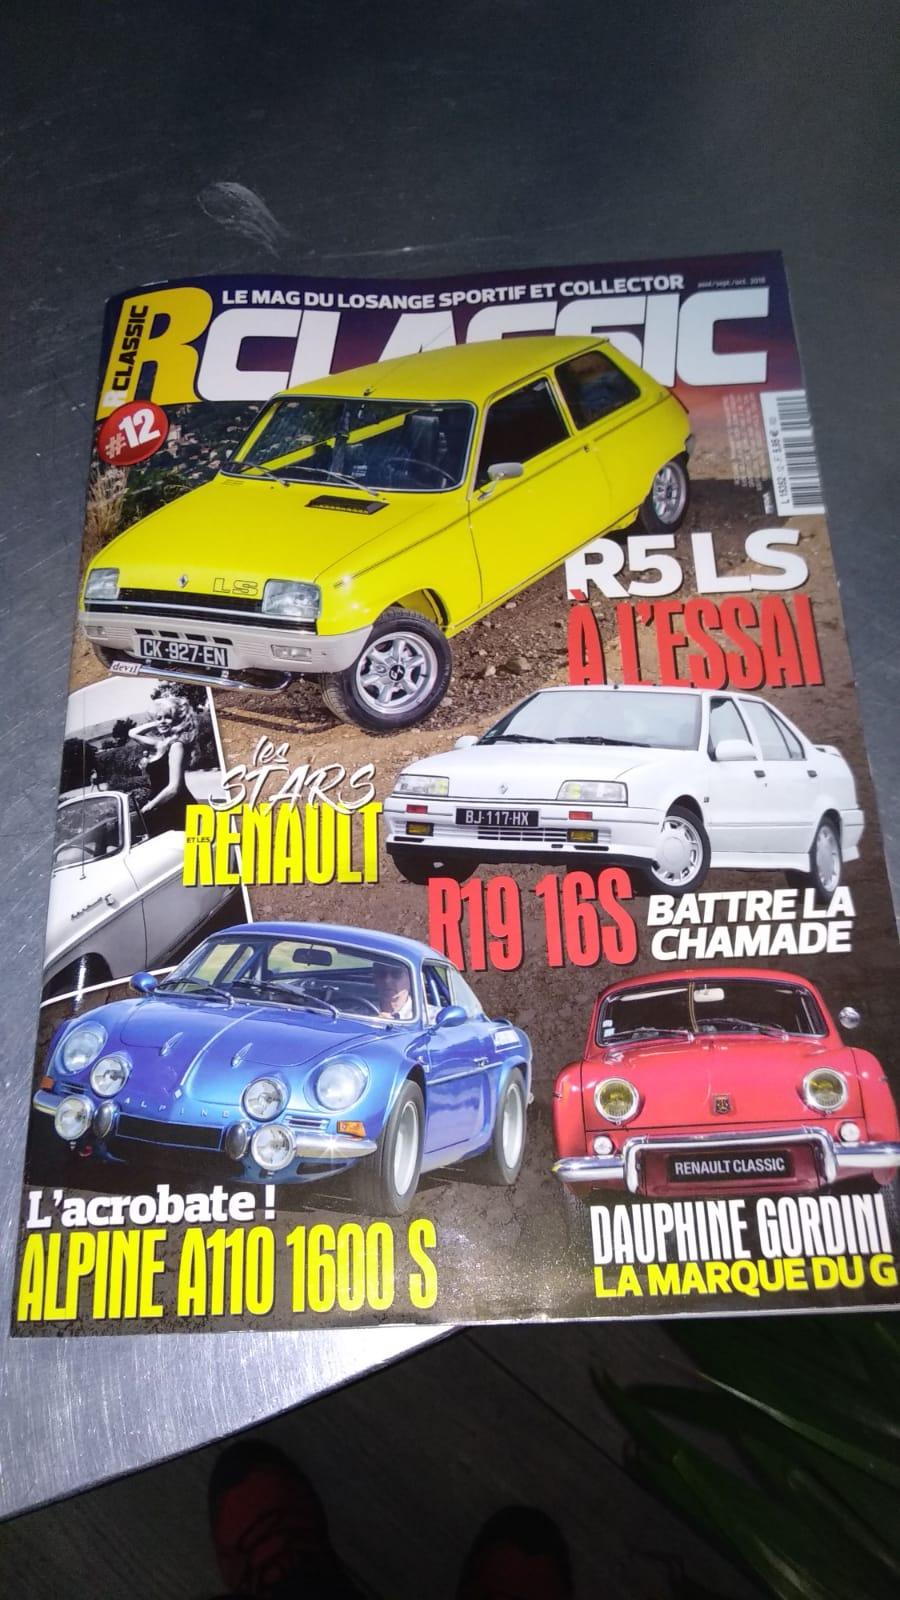 El Club, de nuevo en la revista francesa RCLASSIC Img-2011